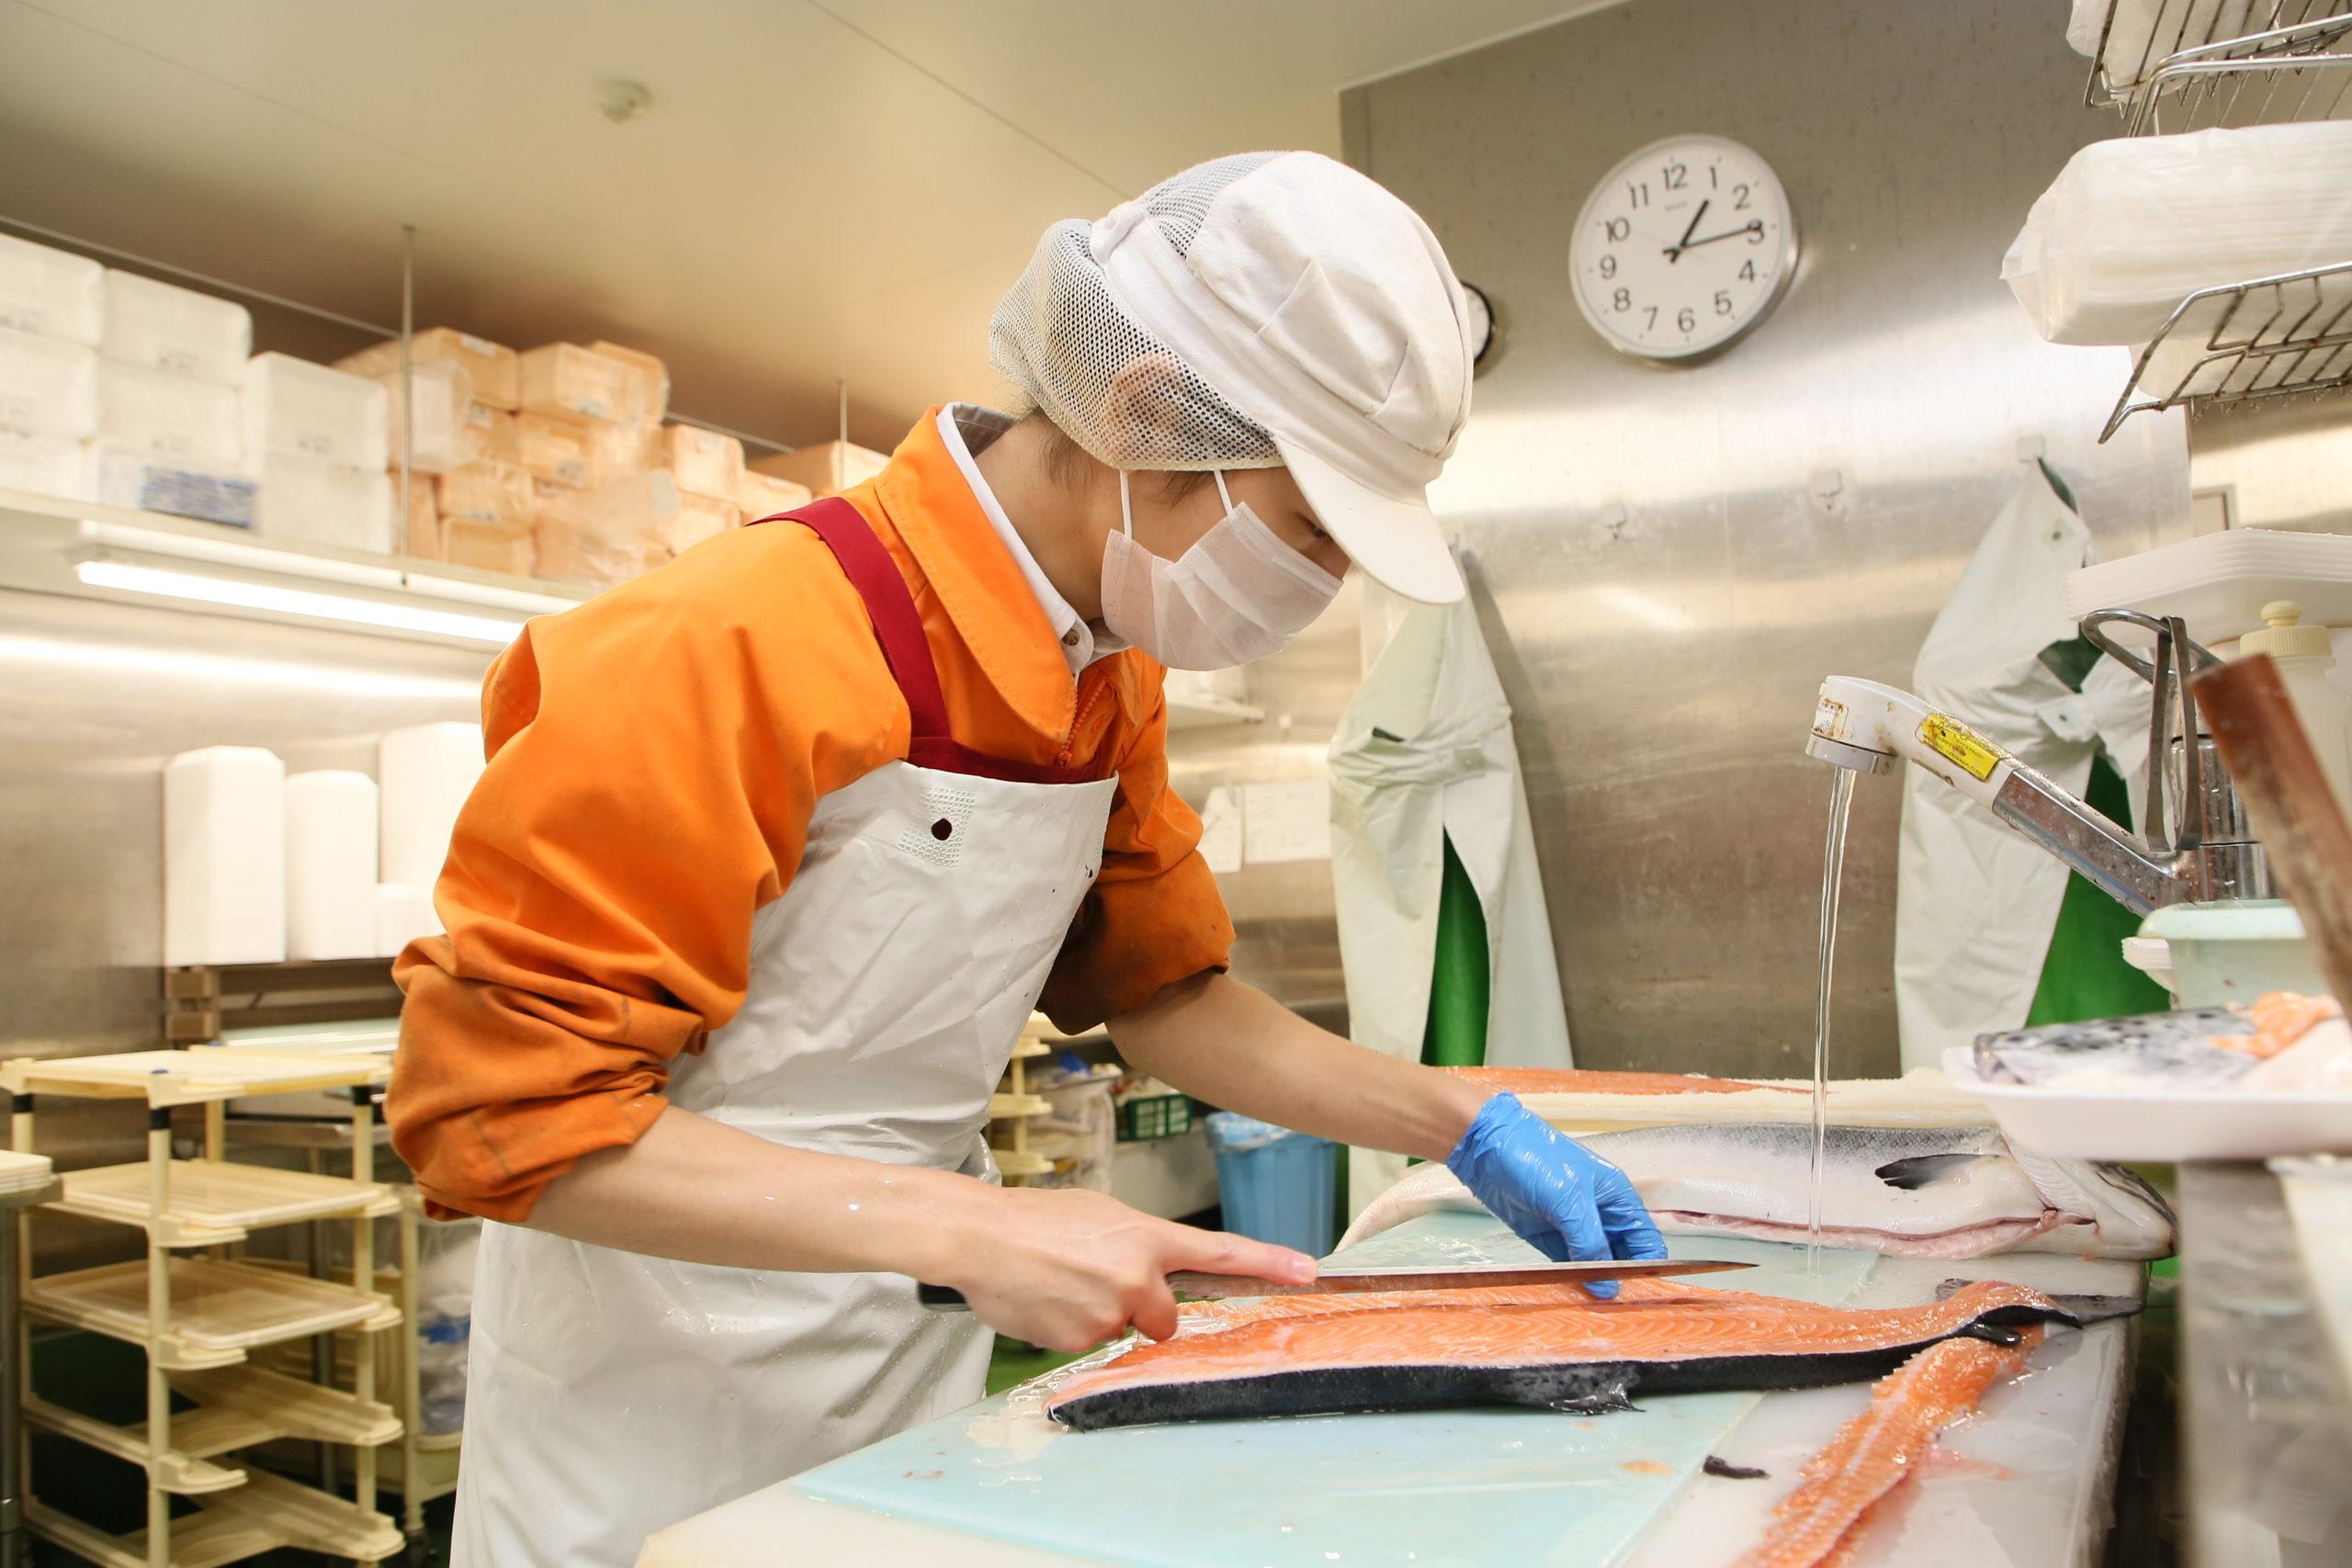 スーパーの鮮魚スタッフが魚をおろしているところ